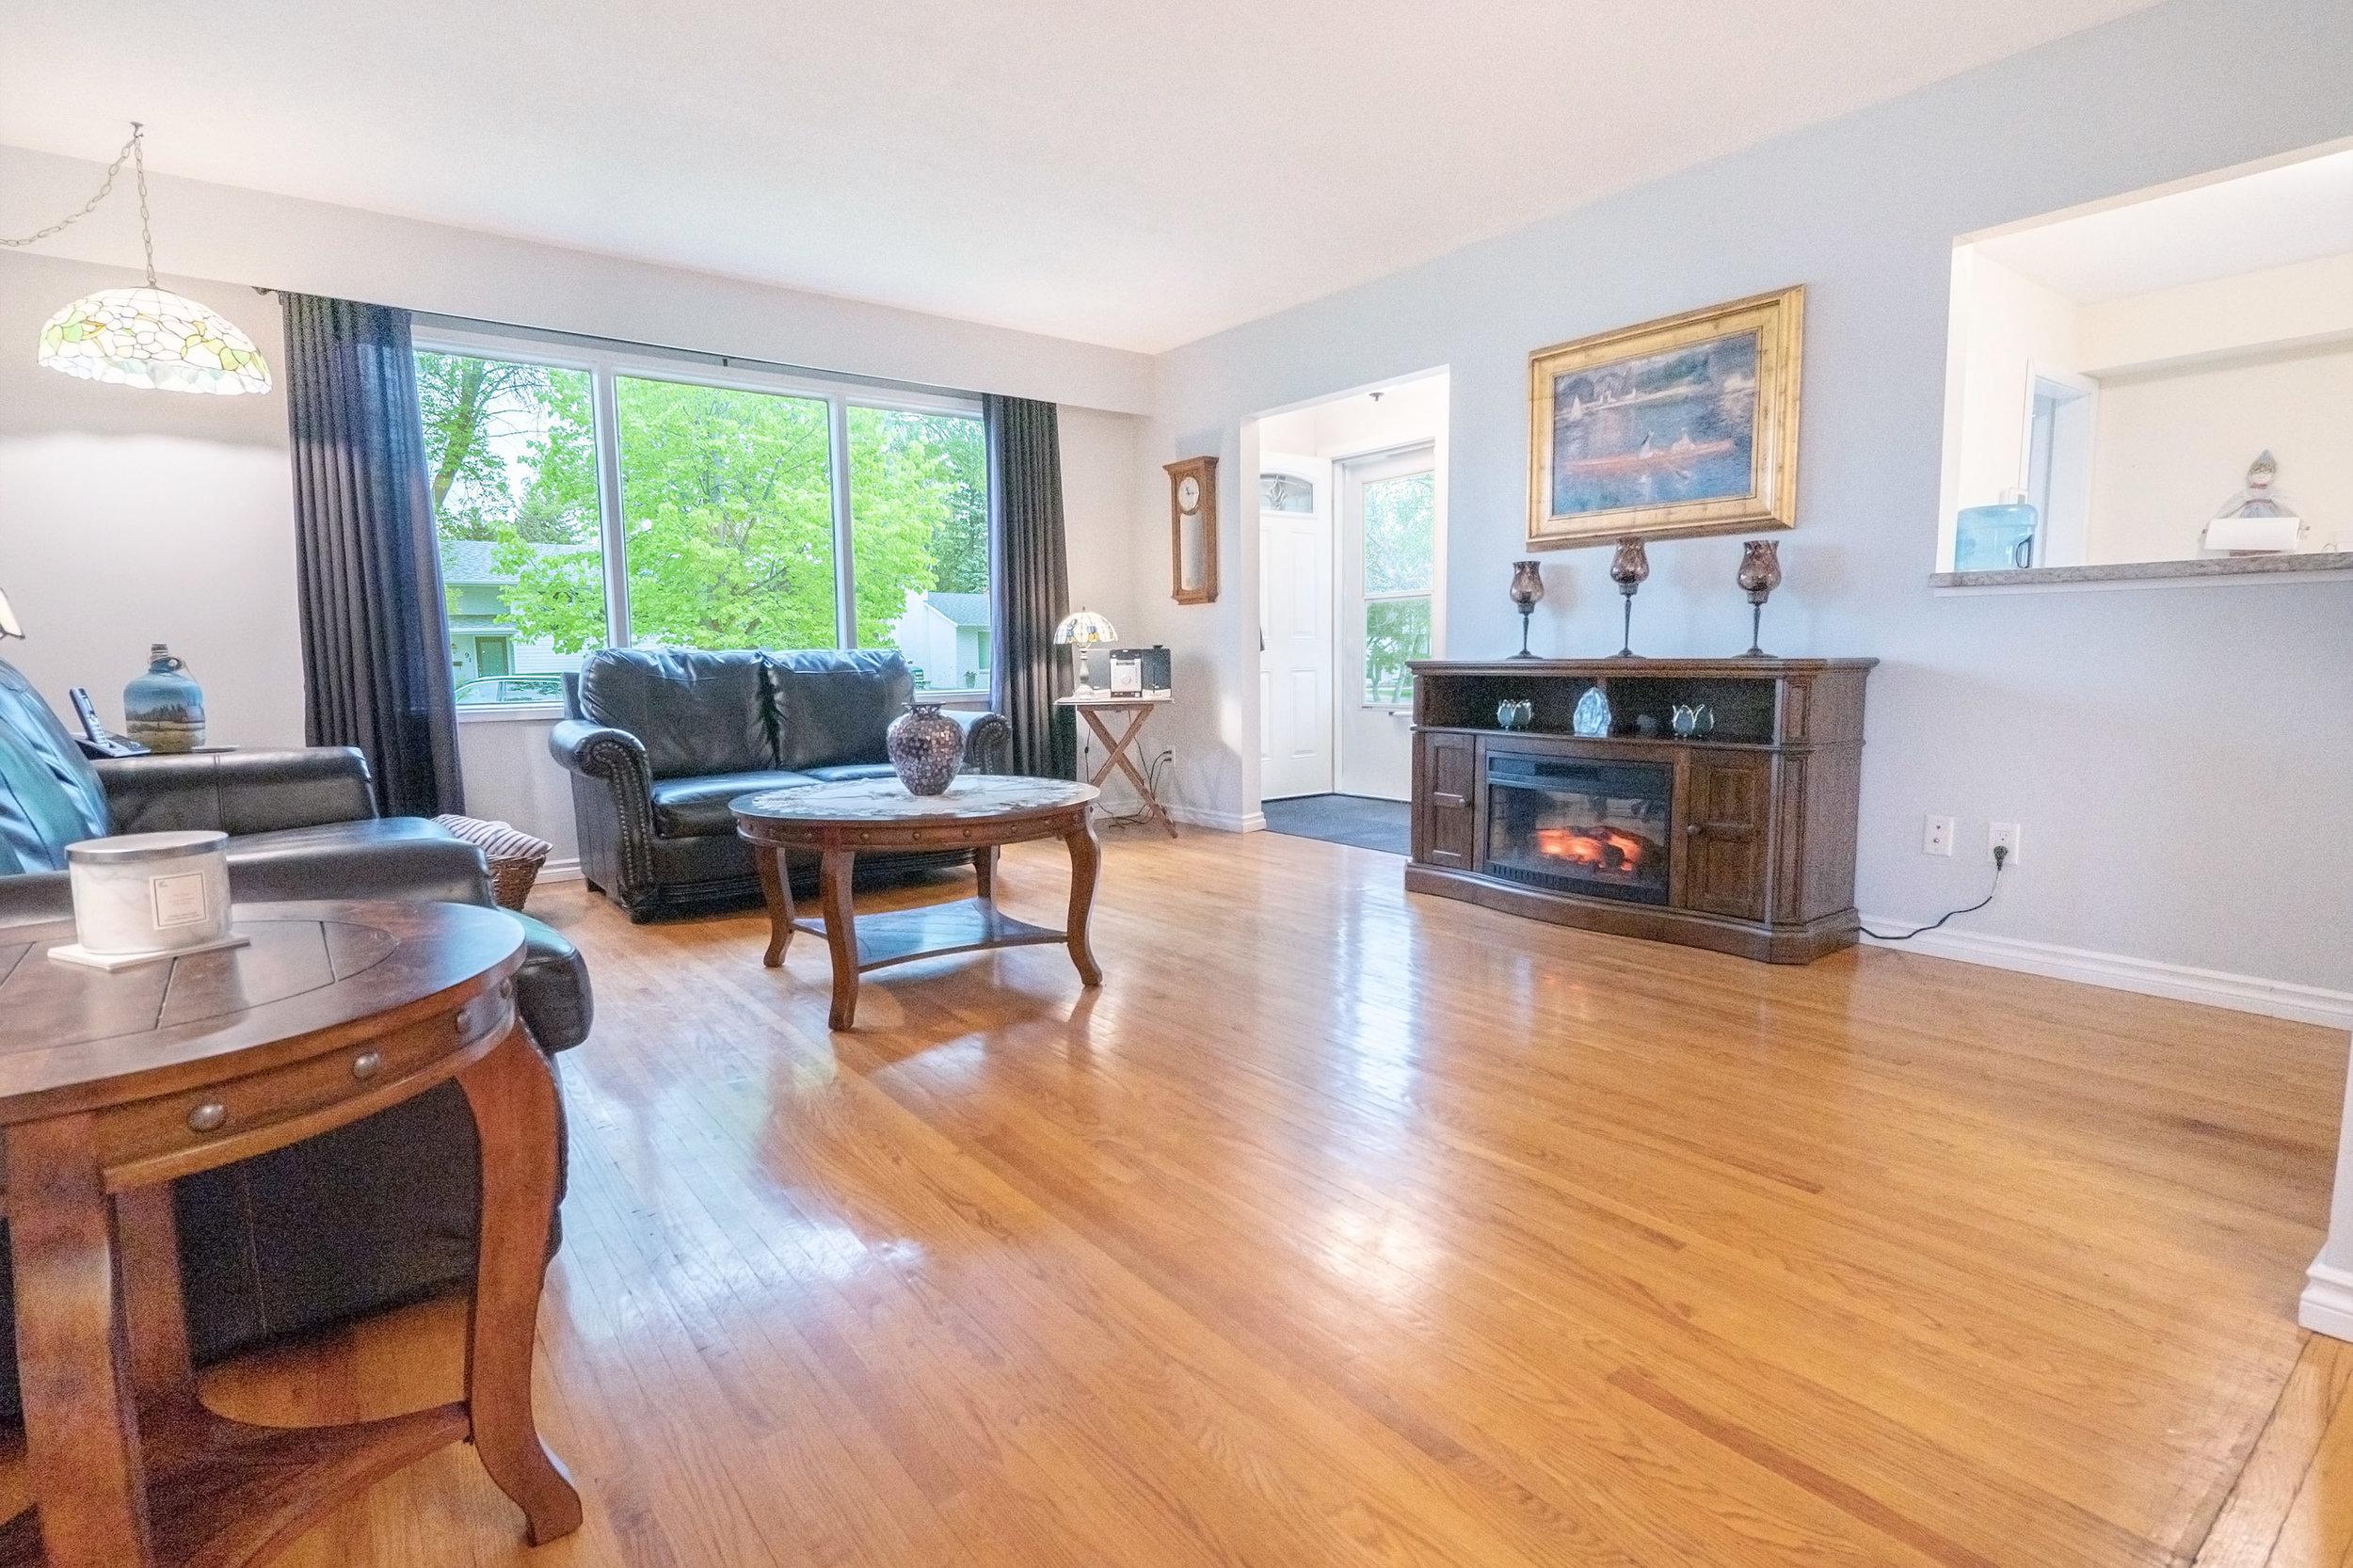 92 Hammond Living Room 1.jpg